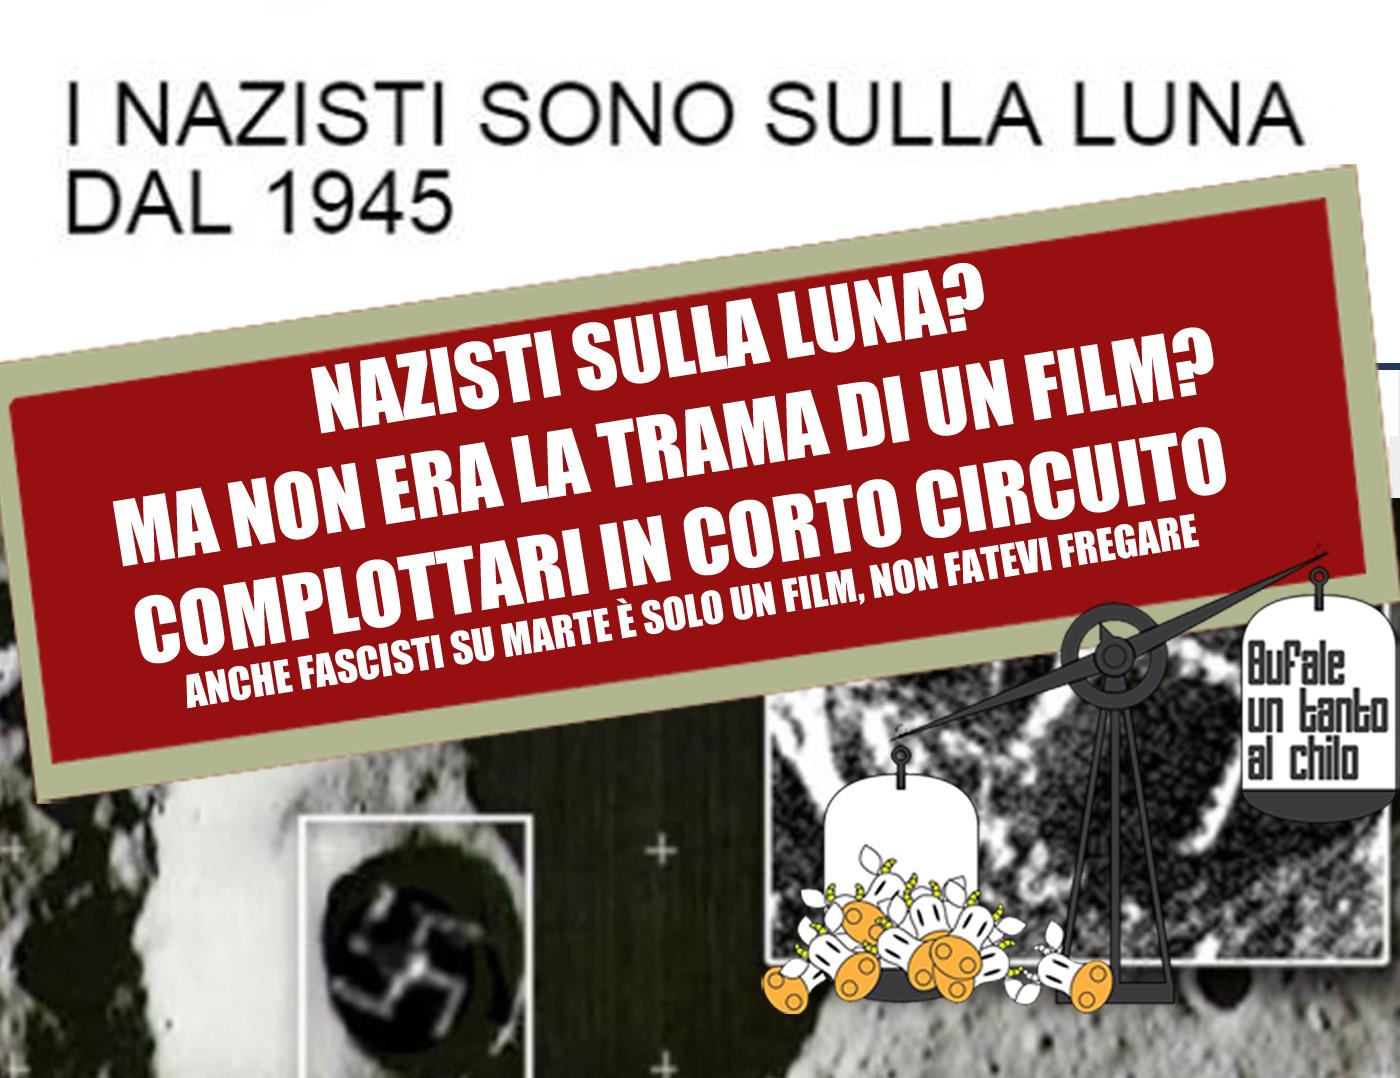 NAZISTI-LUNA